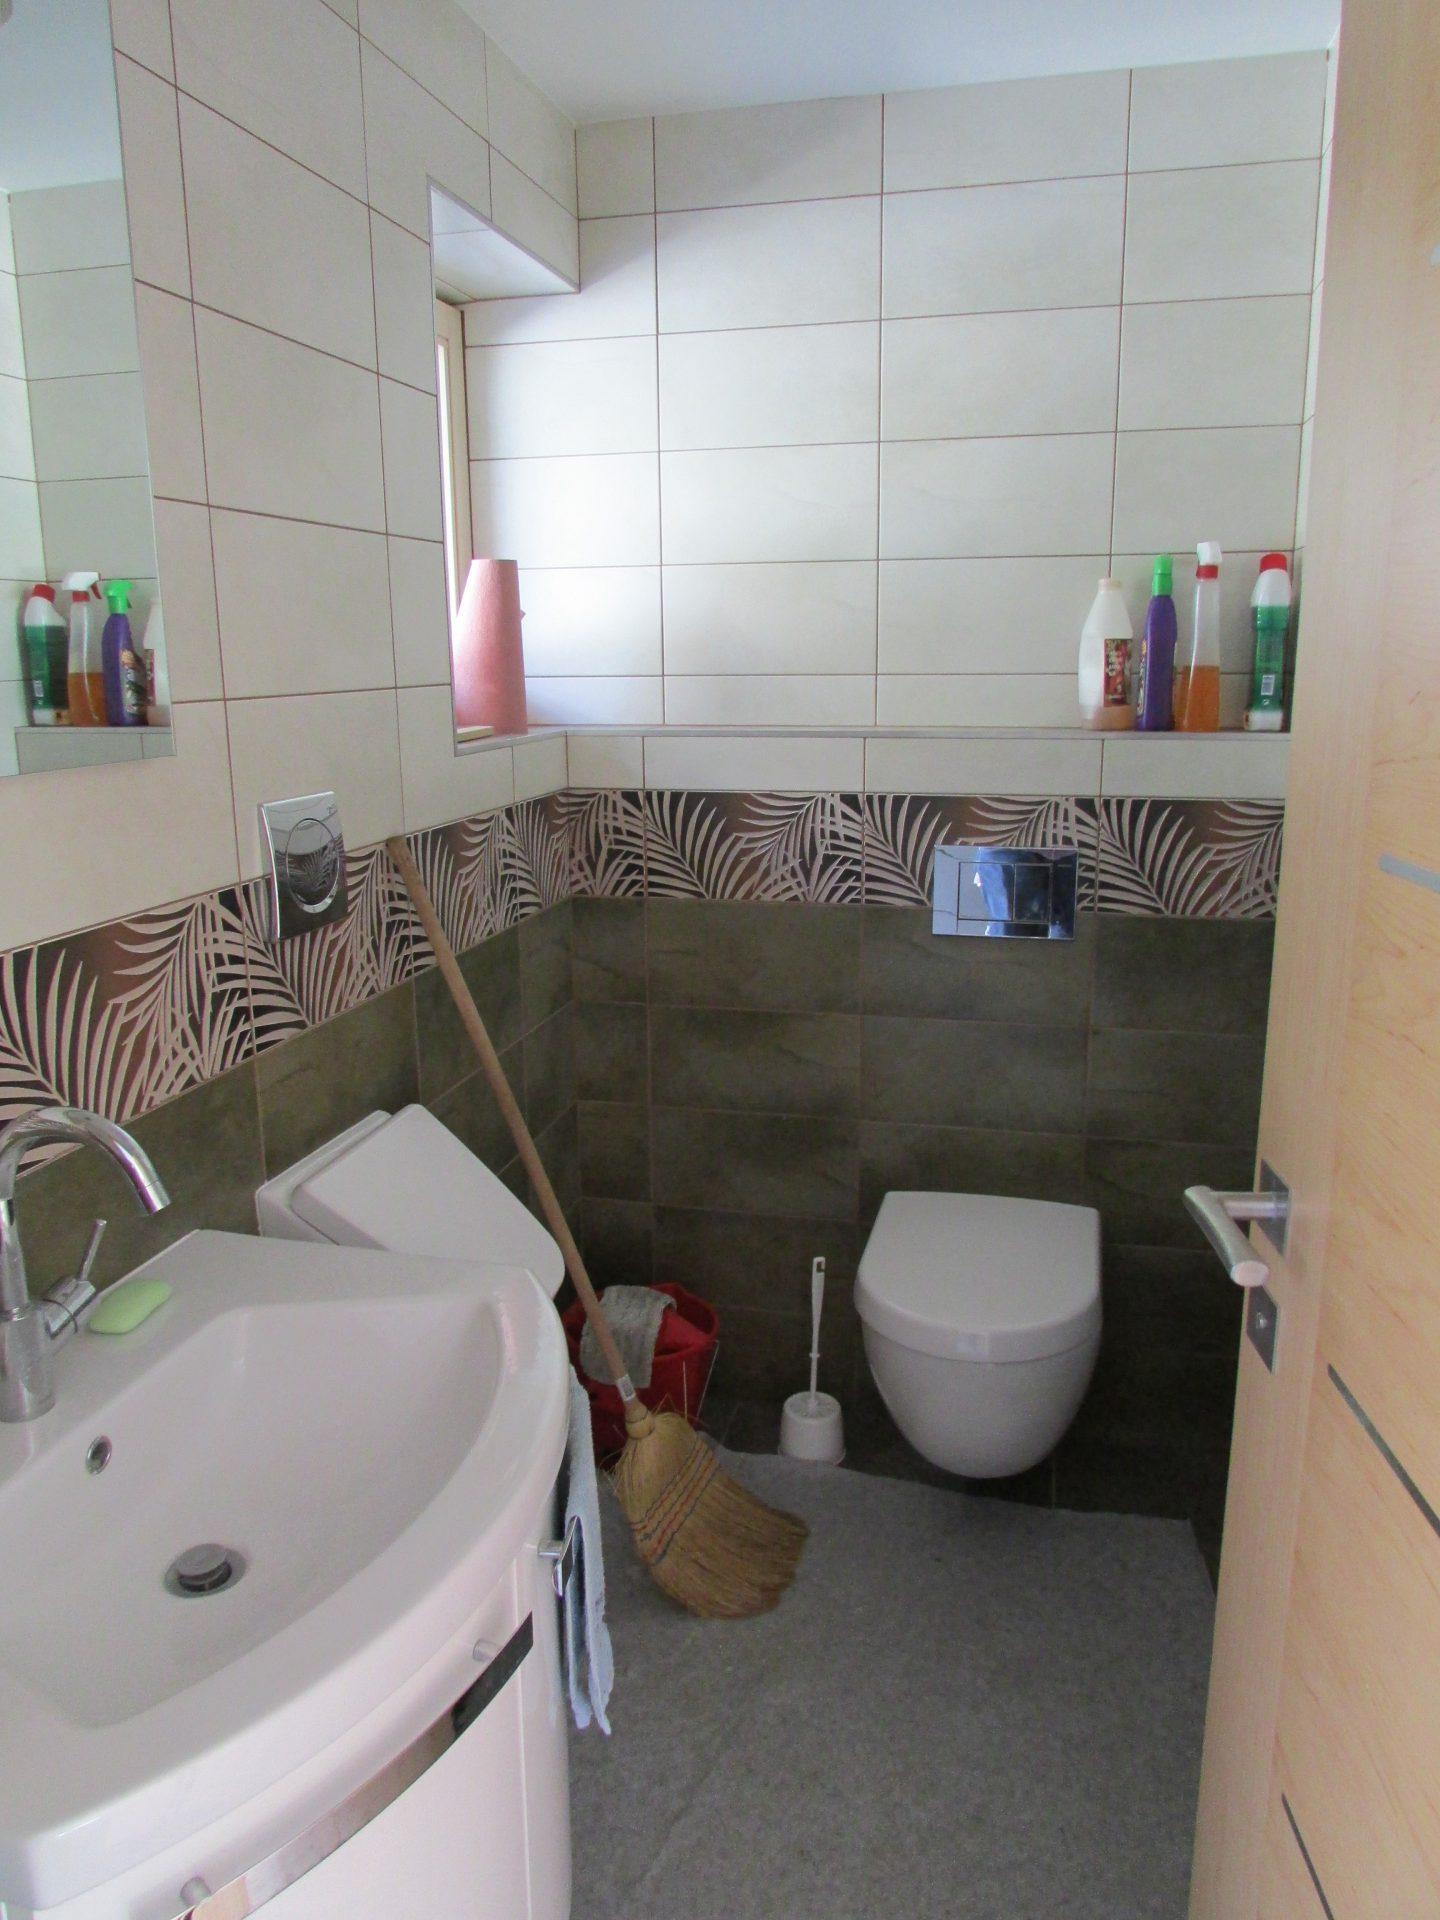 Polaganje ploščic v kopalnici 9